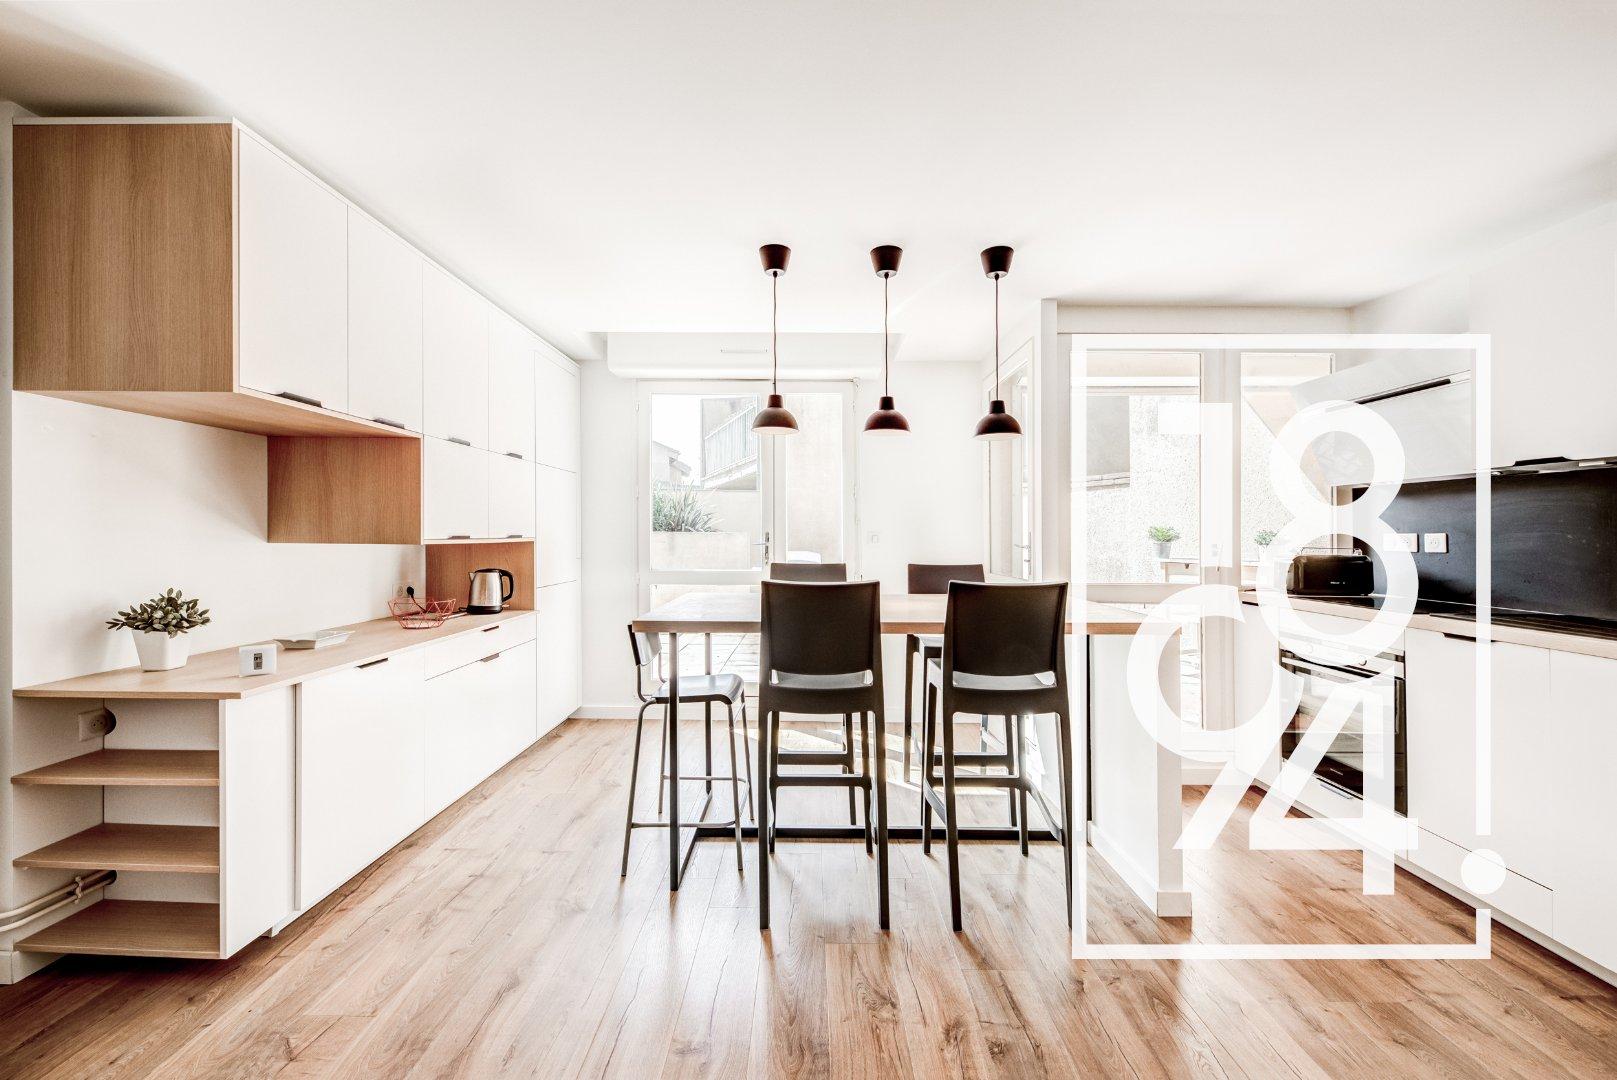 EXCLUSIVITE!!! Appartement T2 avec terrasse de 31m² + Garage boxé, Saint Aubin, 31000 TOULOUSE